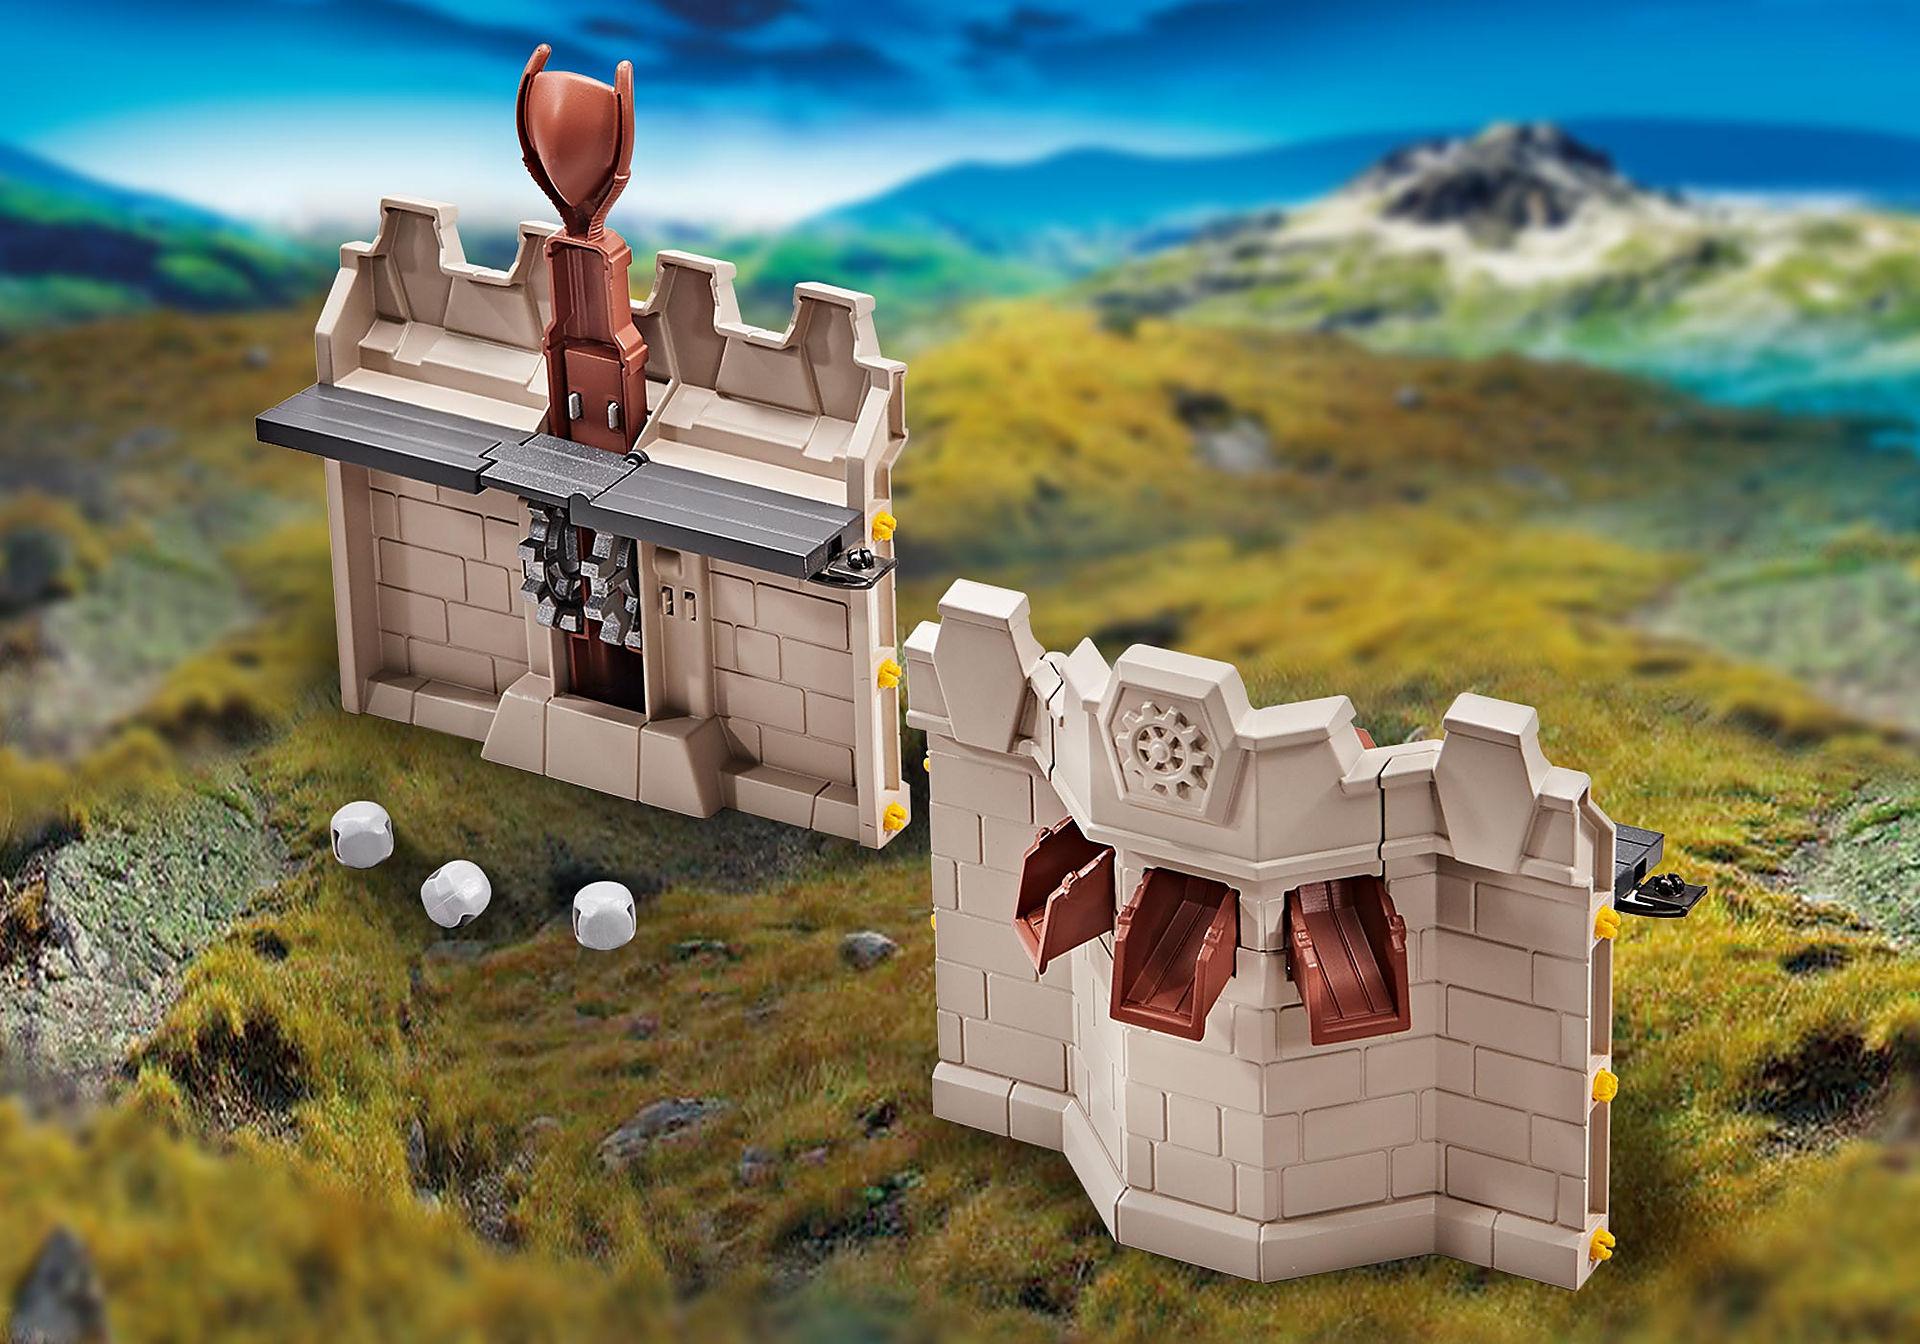 9839 Uitbreiding muur en katapult voor de Grote burcht van de Novelmore ridders zoom image1